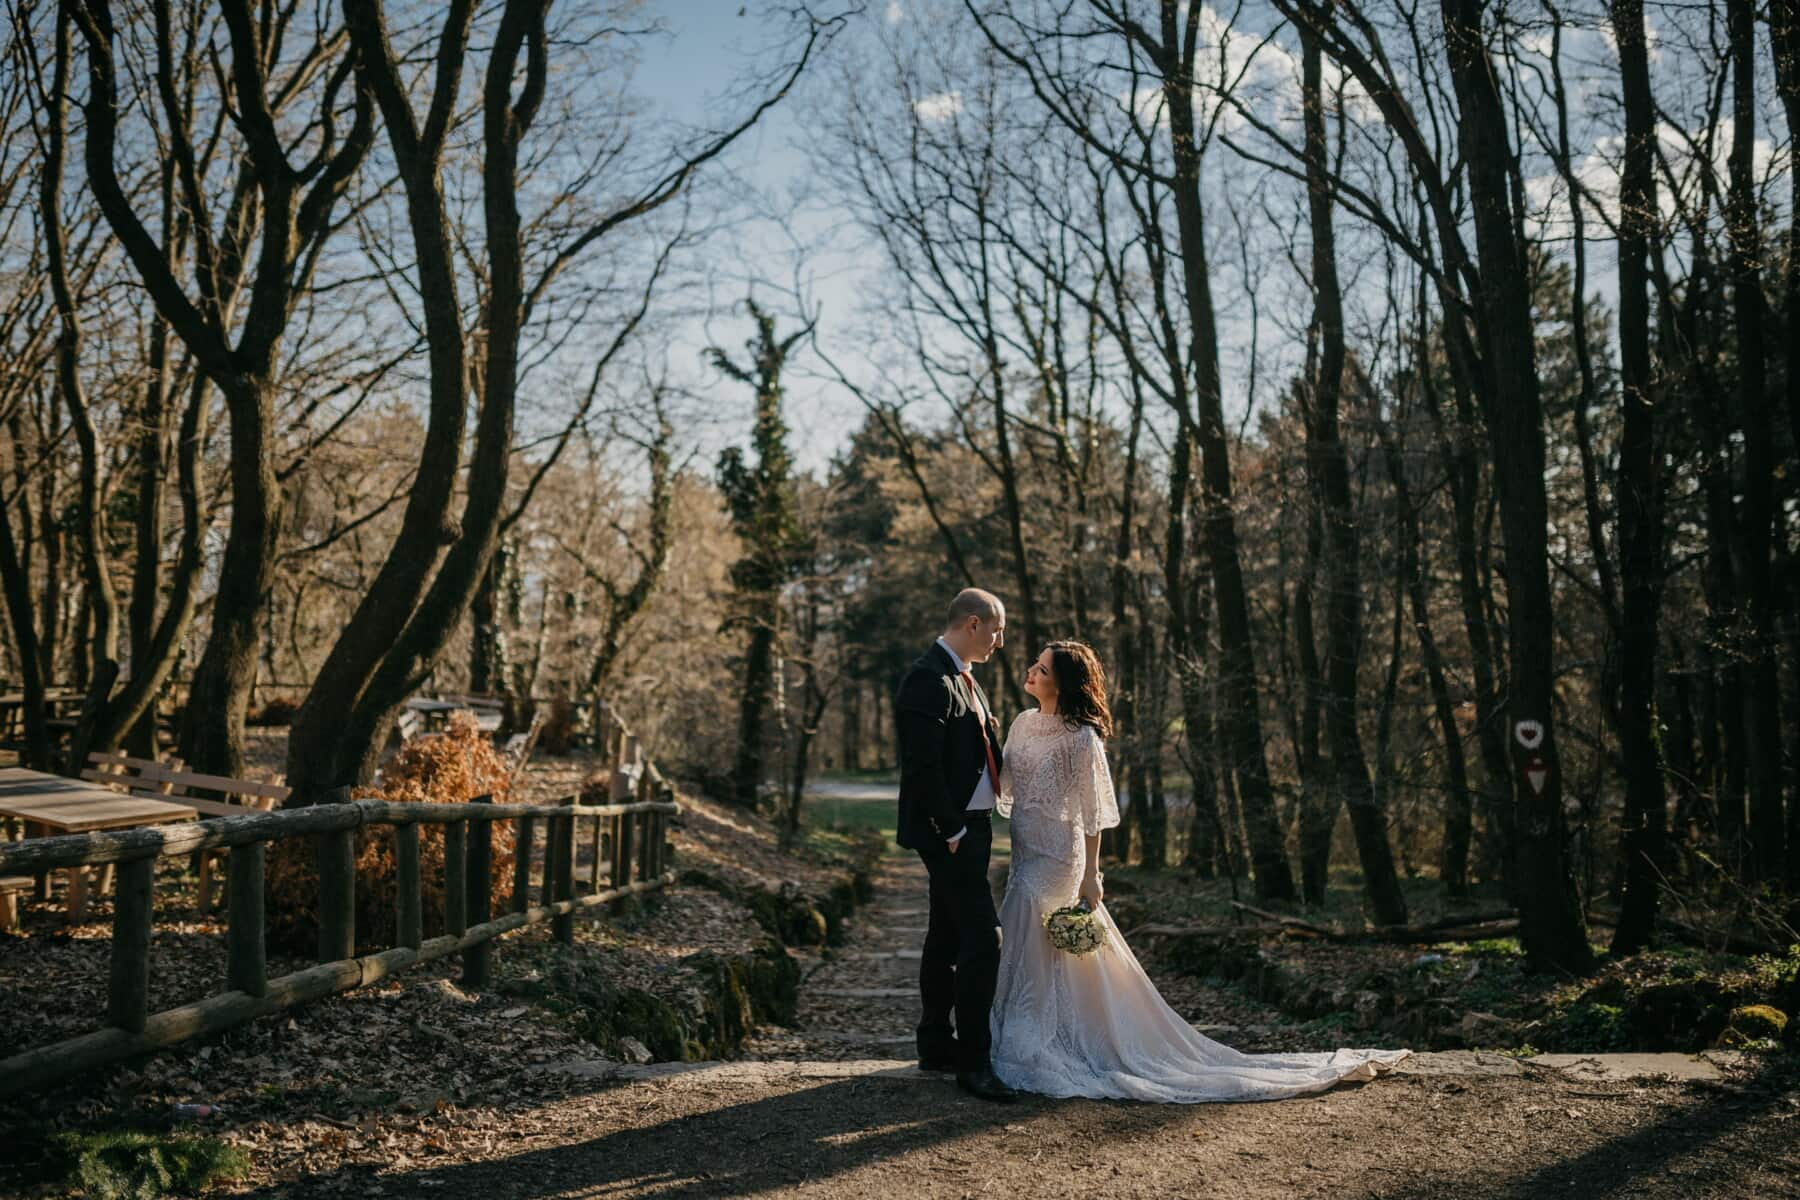 浪漫, 马夫, 新娘, 森林, 阴影, 阳光, 秋天季节, 女孩, 婚礼, 夫妇